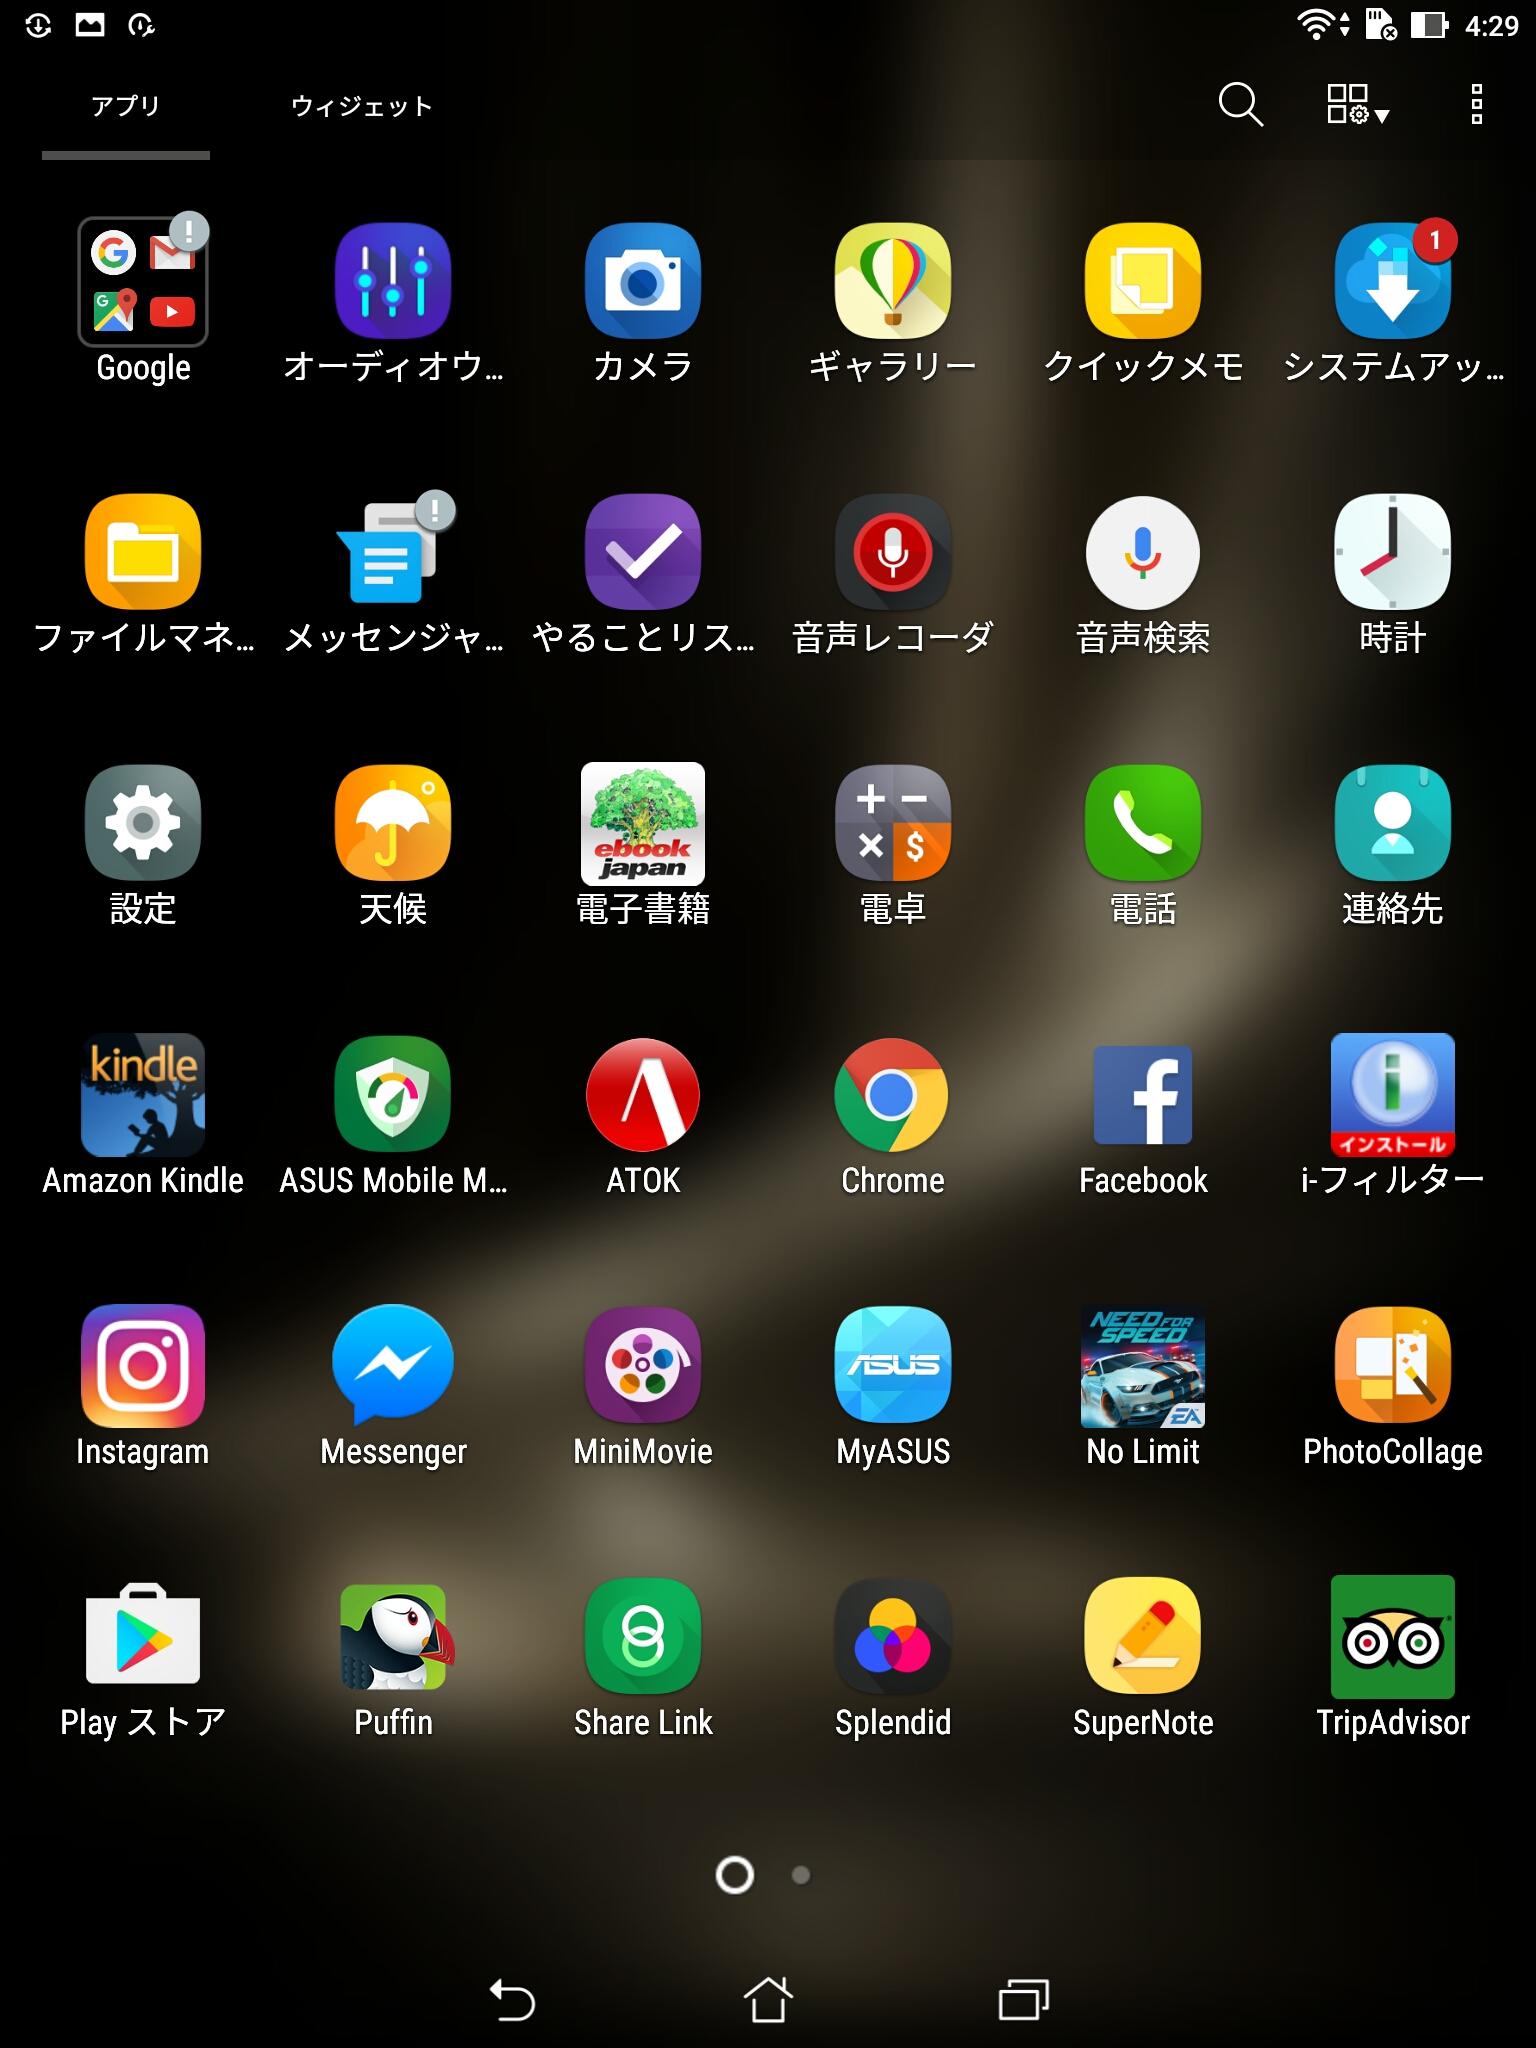 後述の「人気アプリ」を含めずにセットアップした場合のアプリ一覧。電子書籍系ではeBookJapanとKindleがプリインストールされている。ちなみにGoogle Playブックスはない